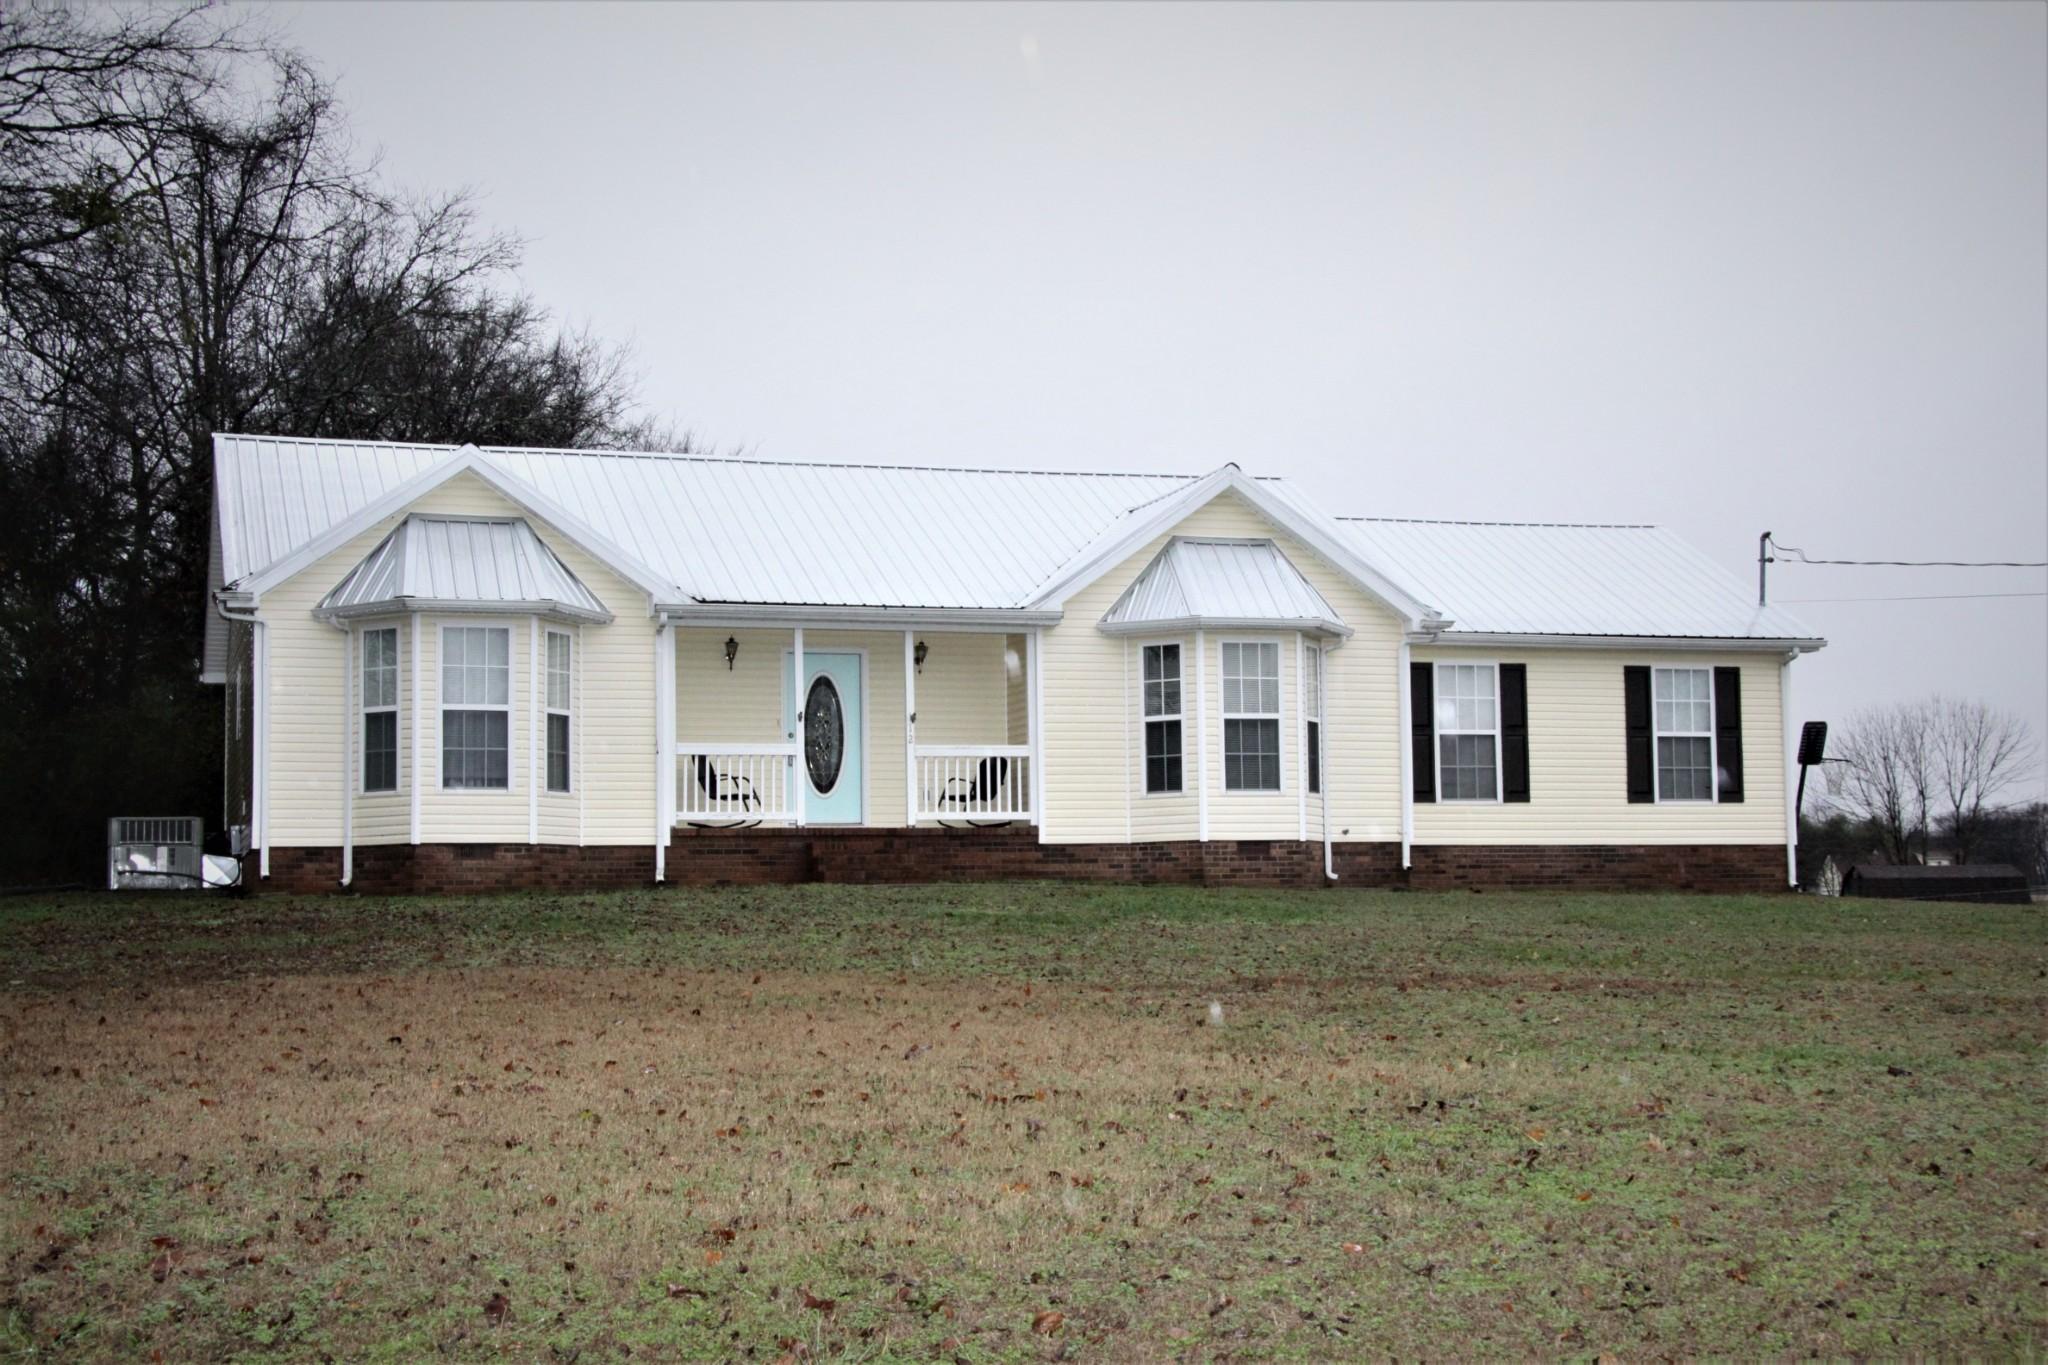 112 Amy Ln, Unionville, TN 37180 - Unionville, TN real estate listing